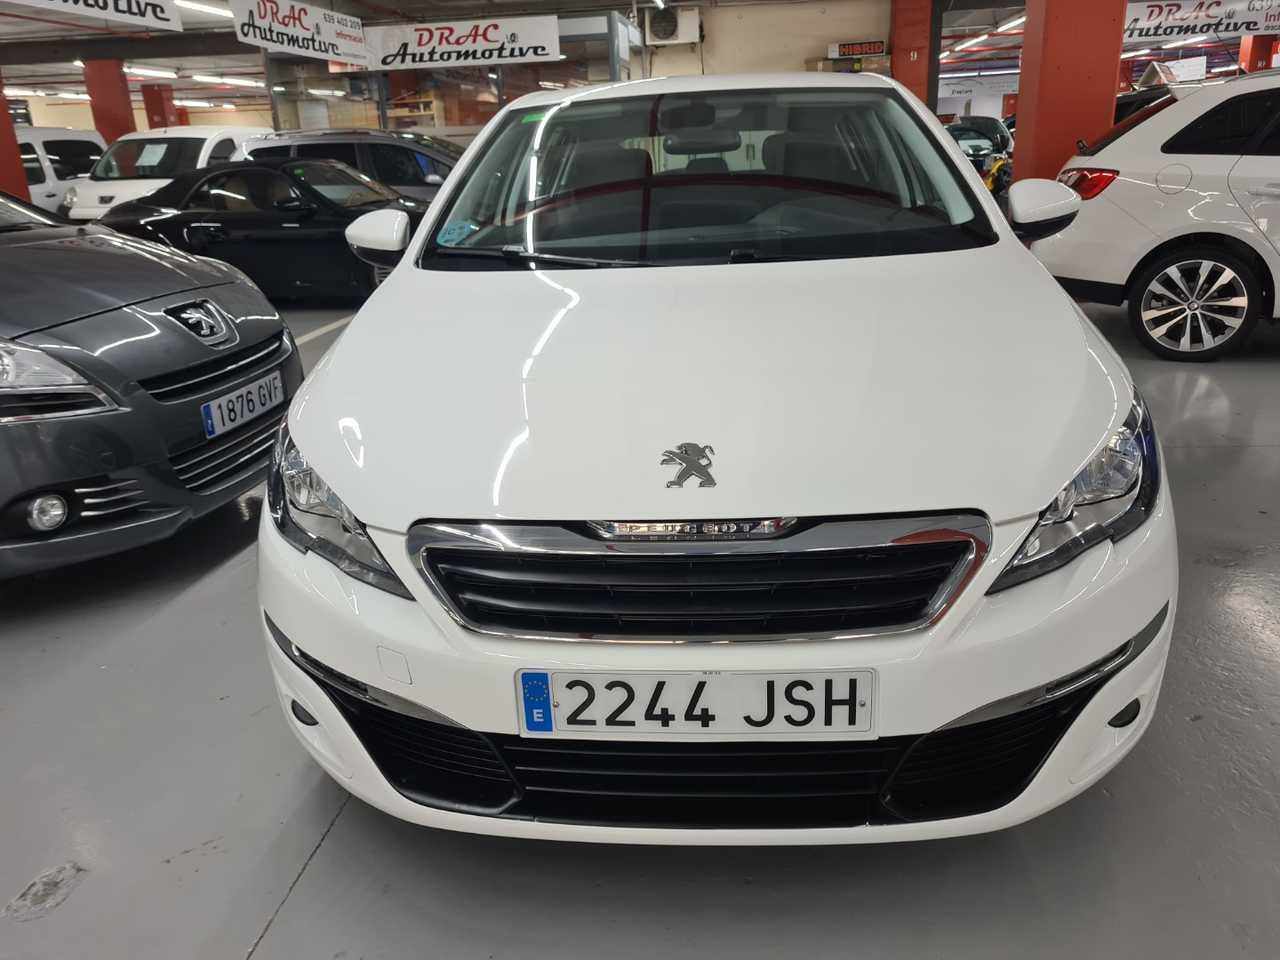 Peugeot 308 GASOLINA 110CV   - Foto 1